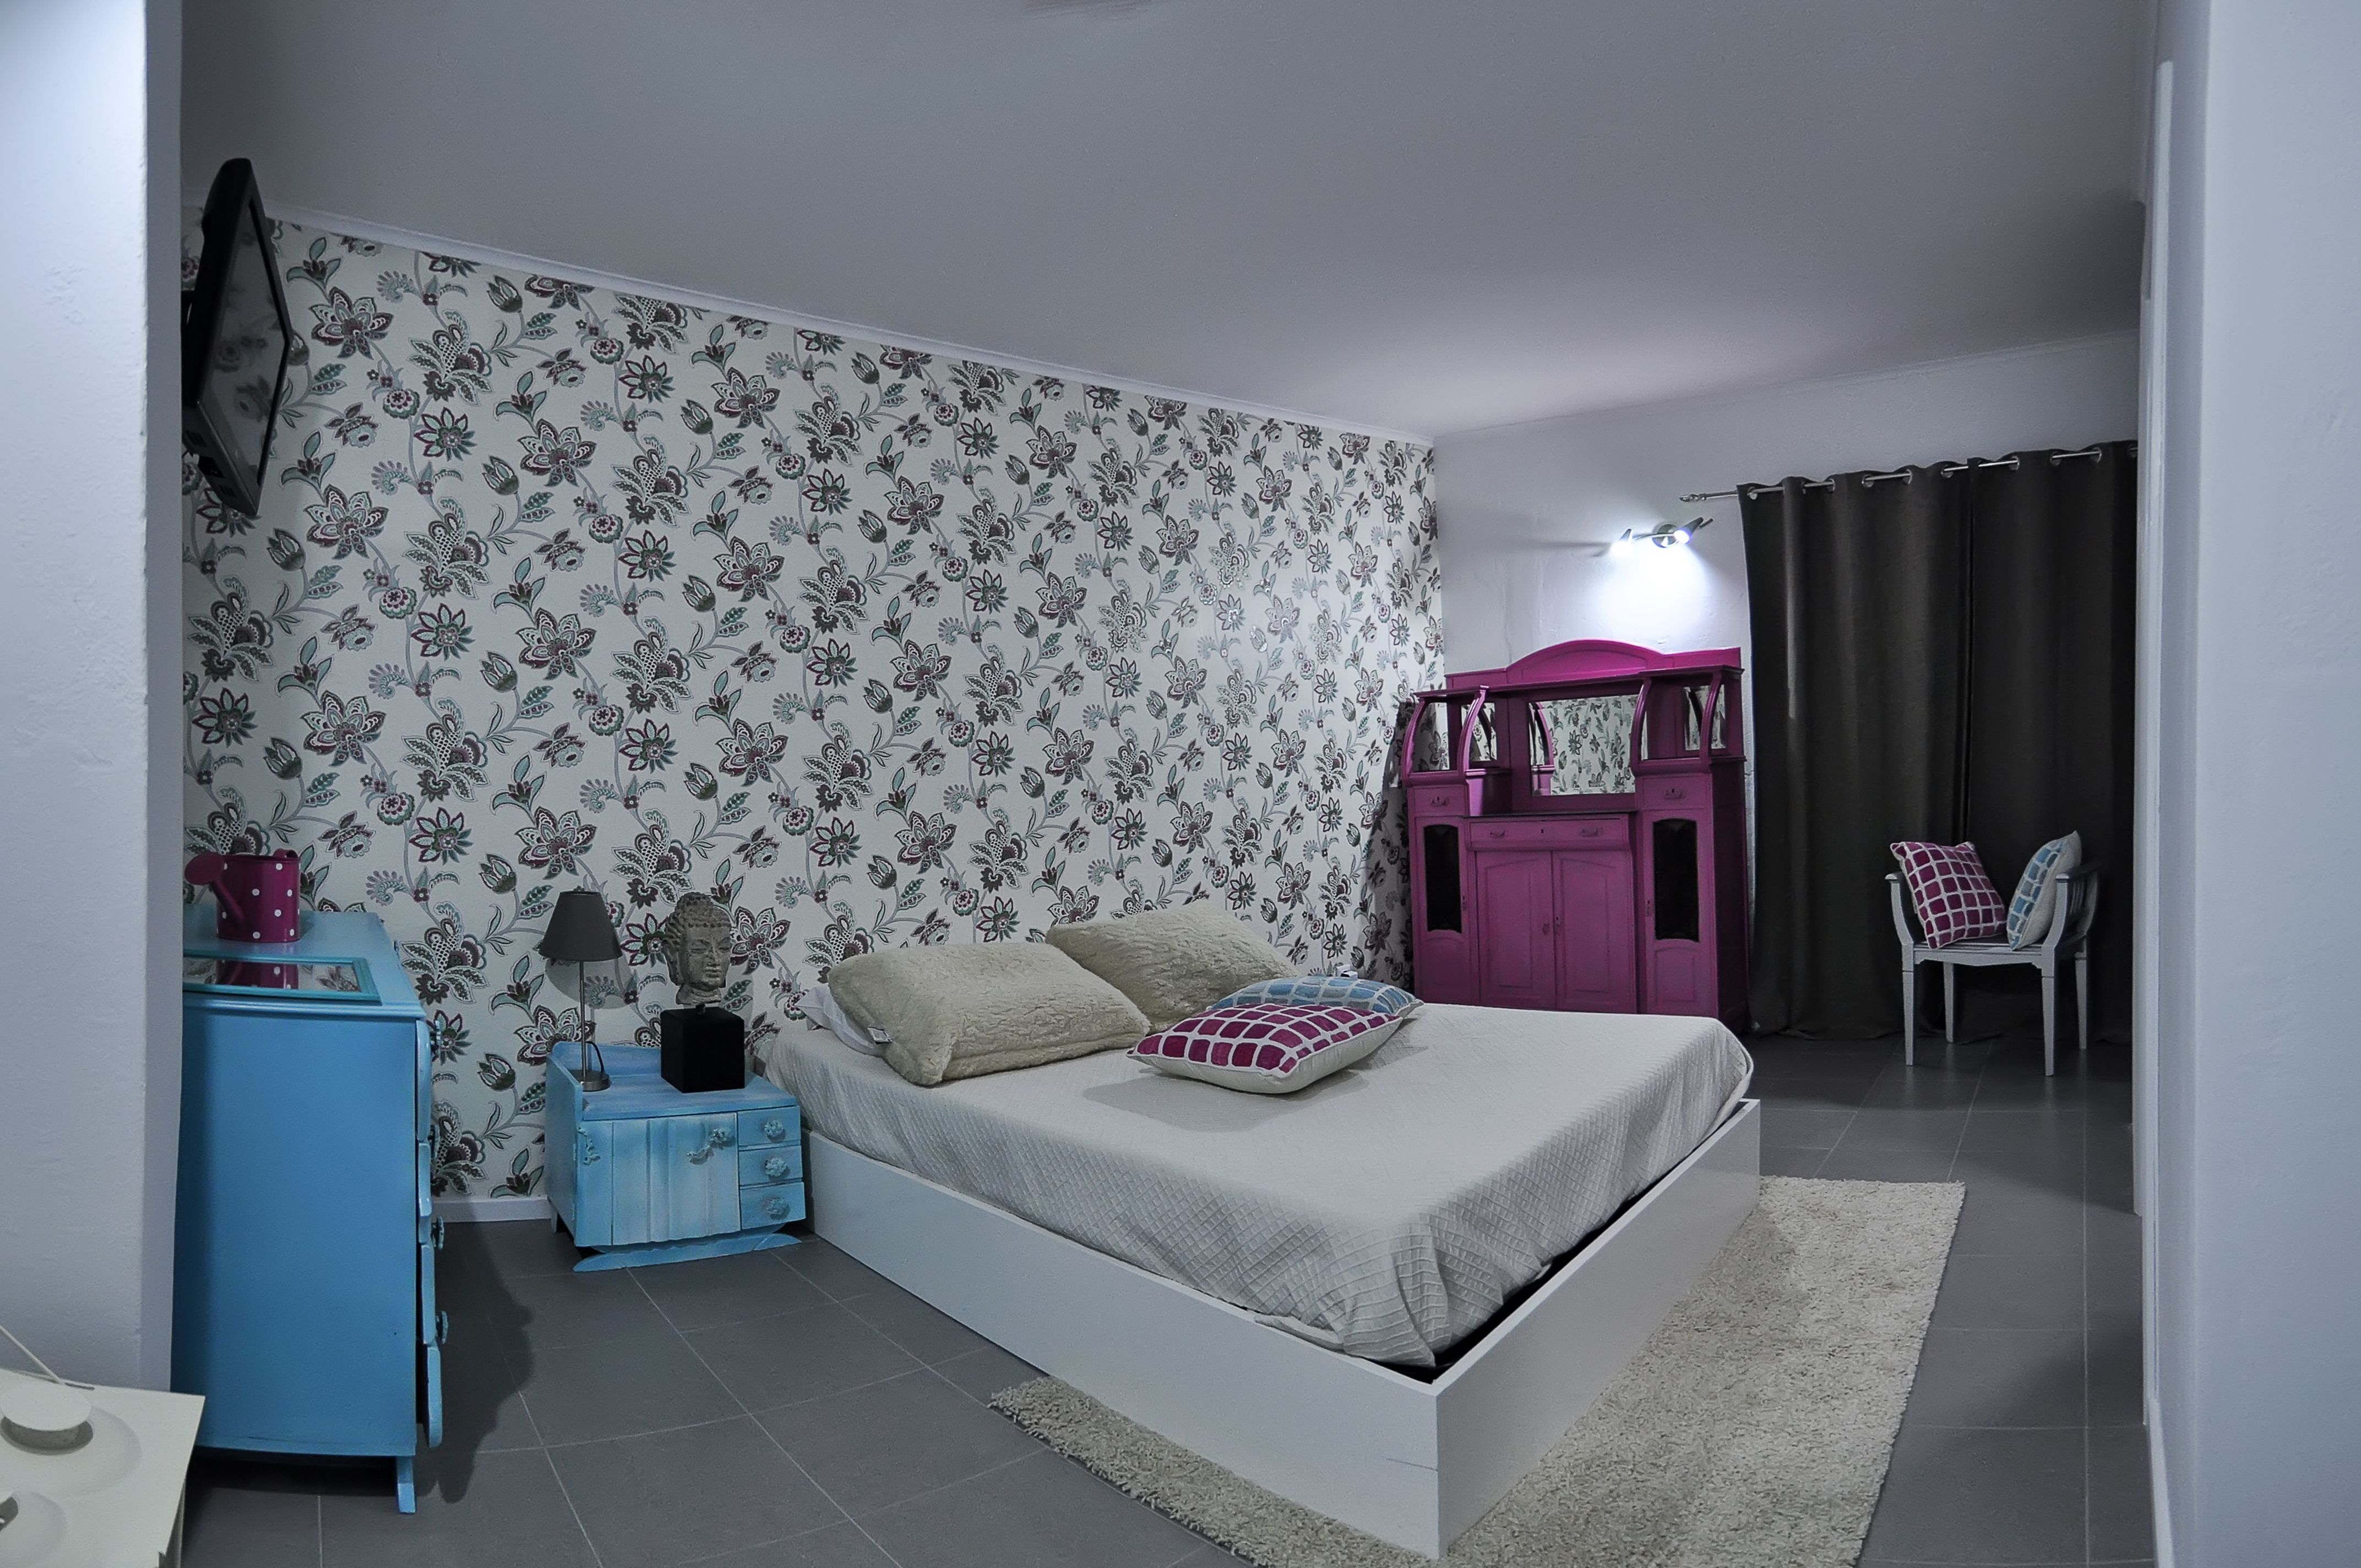 Vintage Place - Azorean Guest House, Ponta Delgada (Portugal)